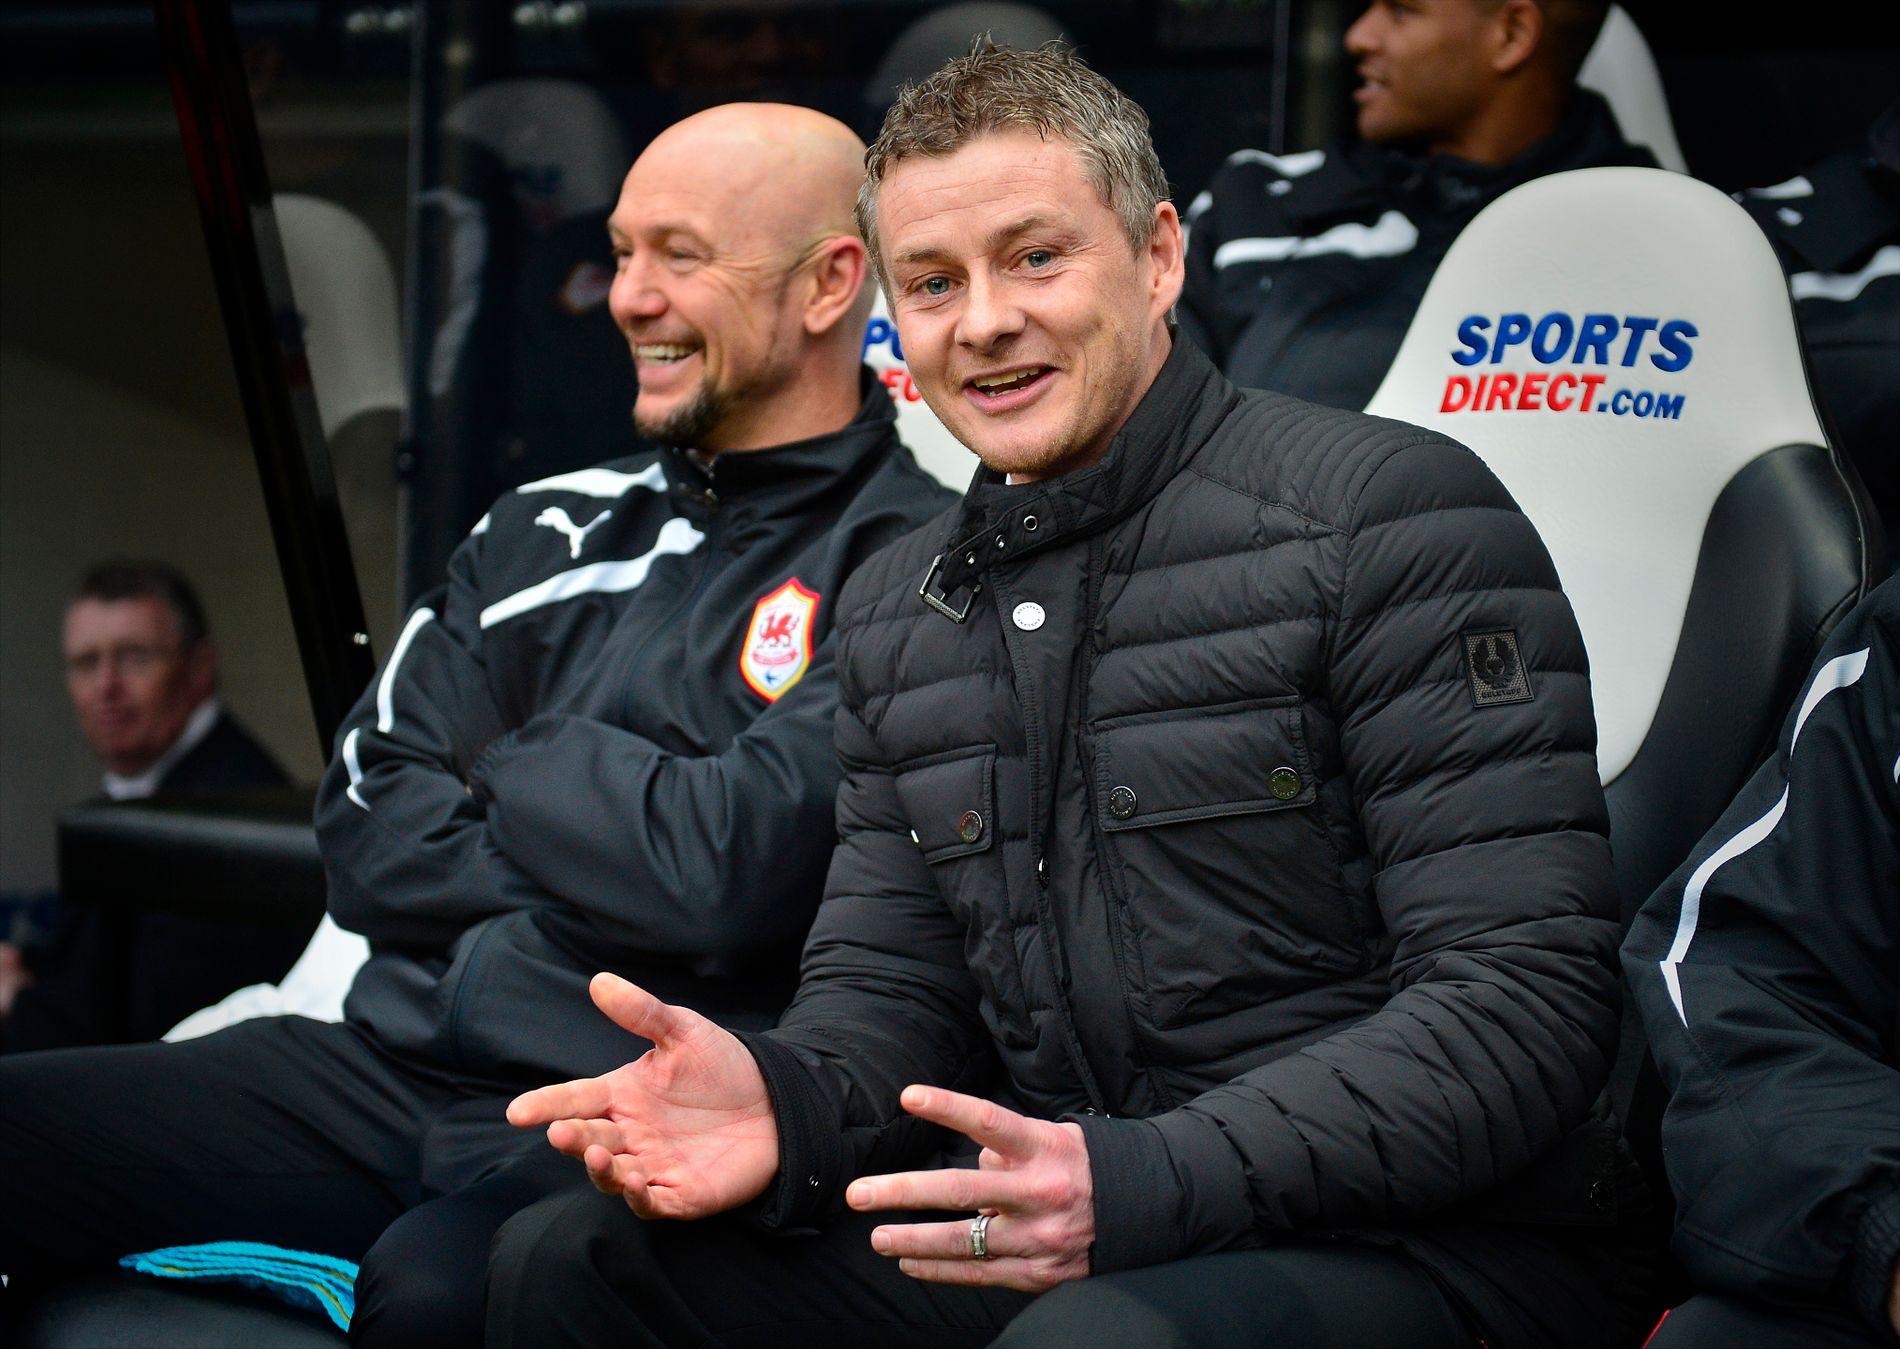 FØR: Mark Dempsey var Ole Gunnar Solskjærs høyrehånd i Molde og Cardiff. Nå er Dempsey i Start og uttaler seg kritisk til Molde-spillerne.